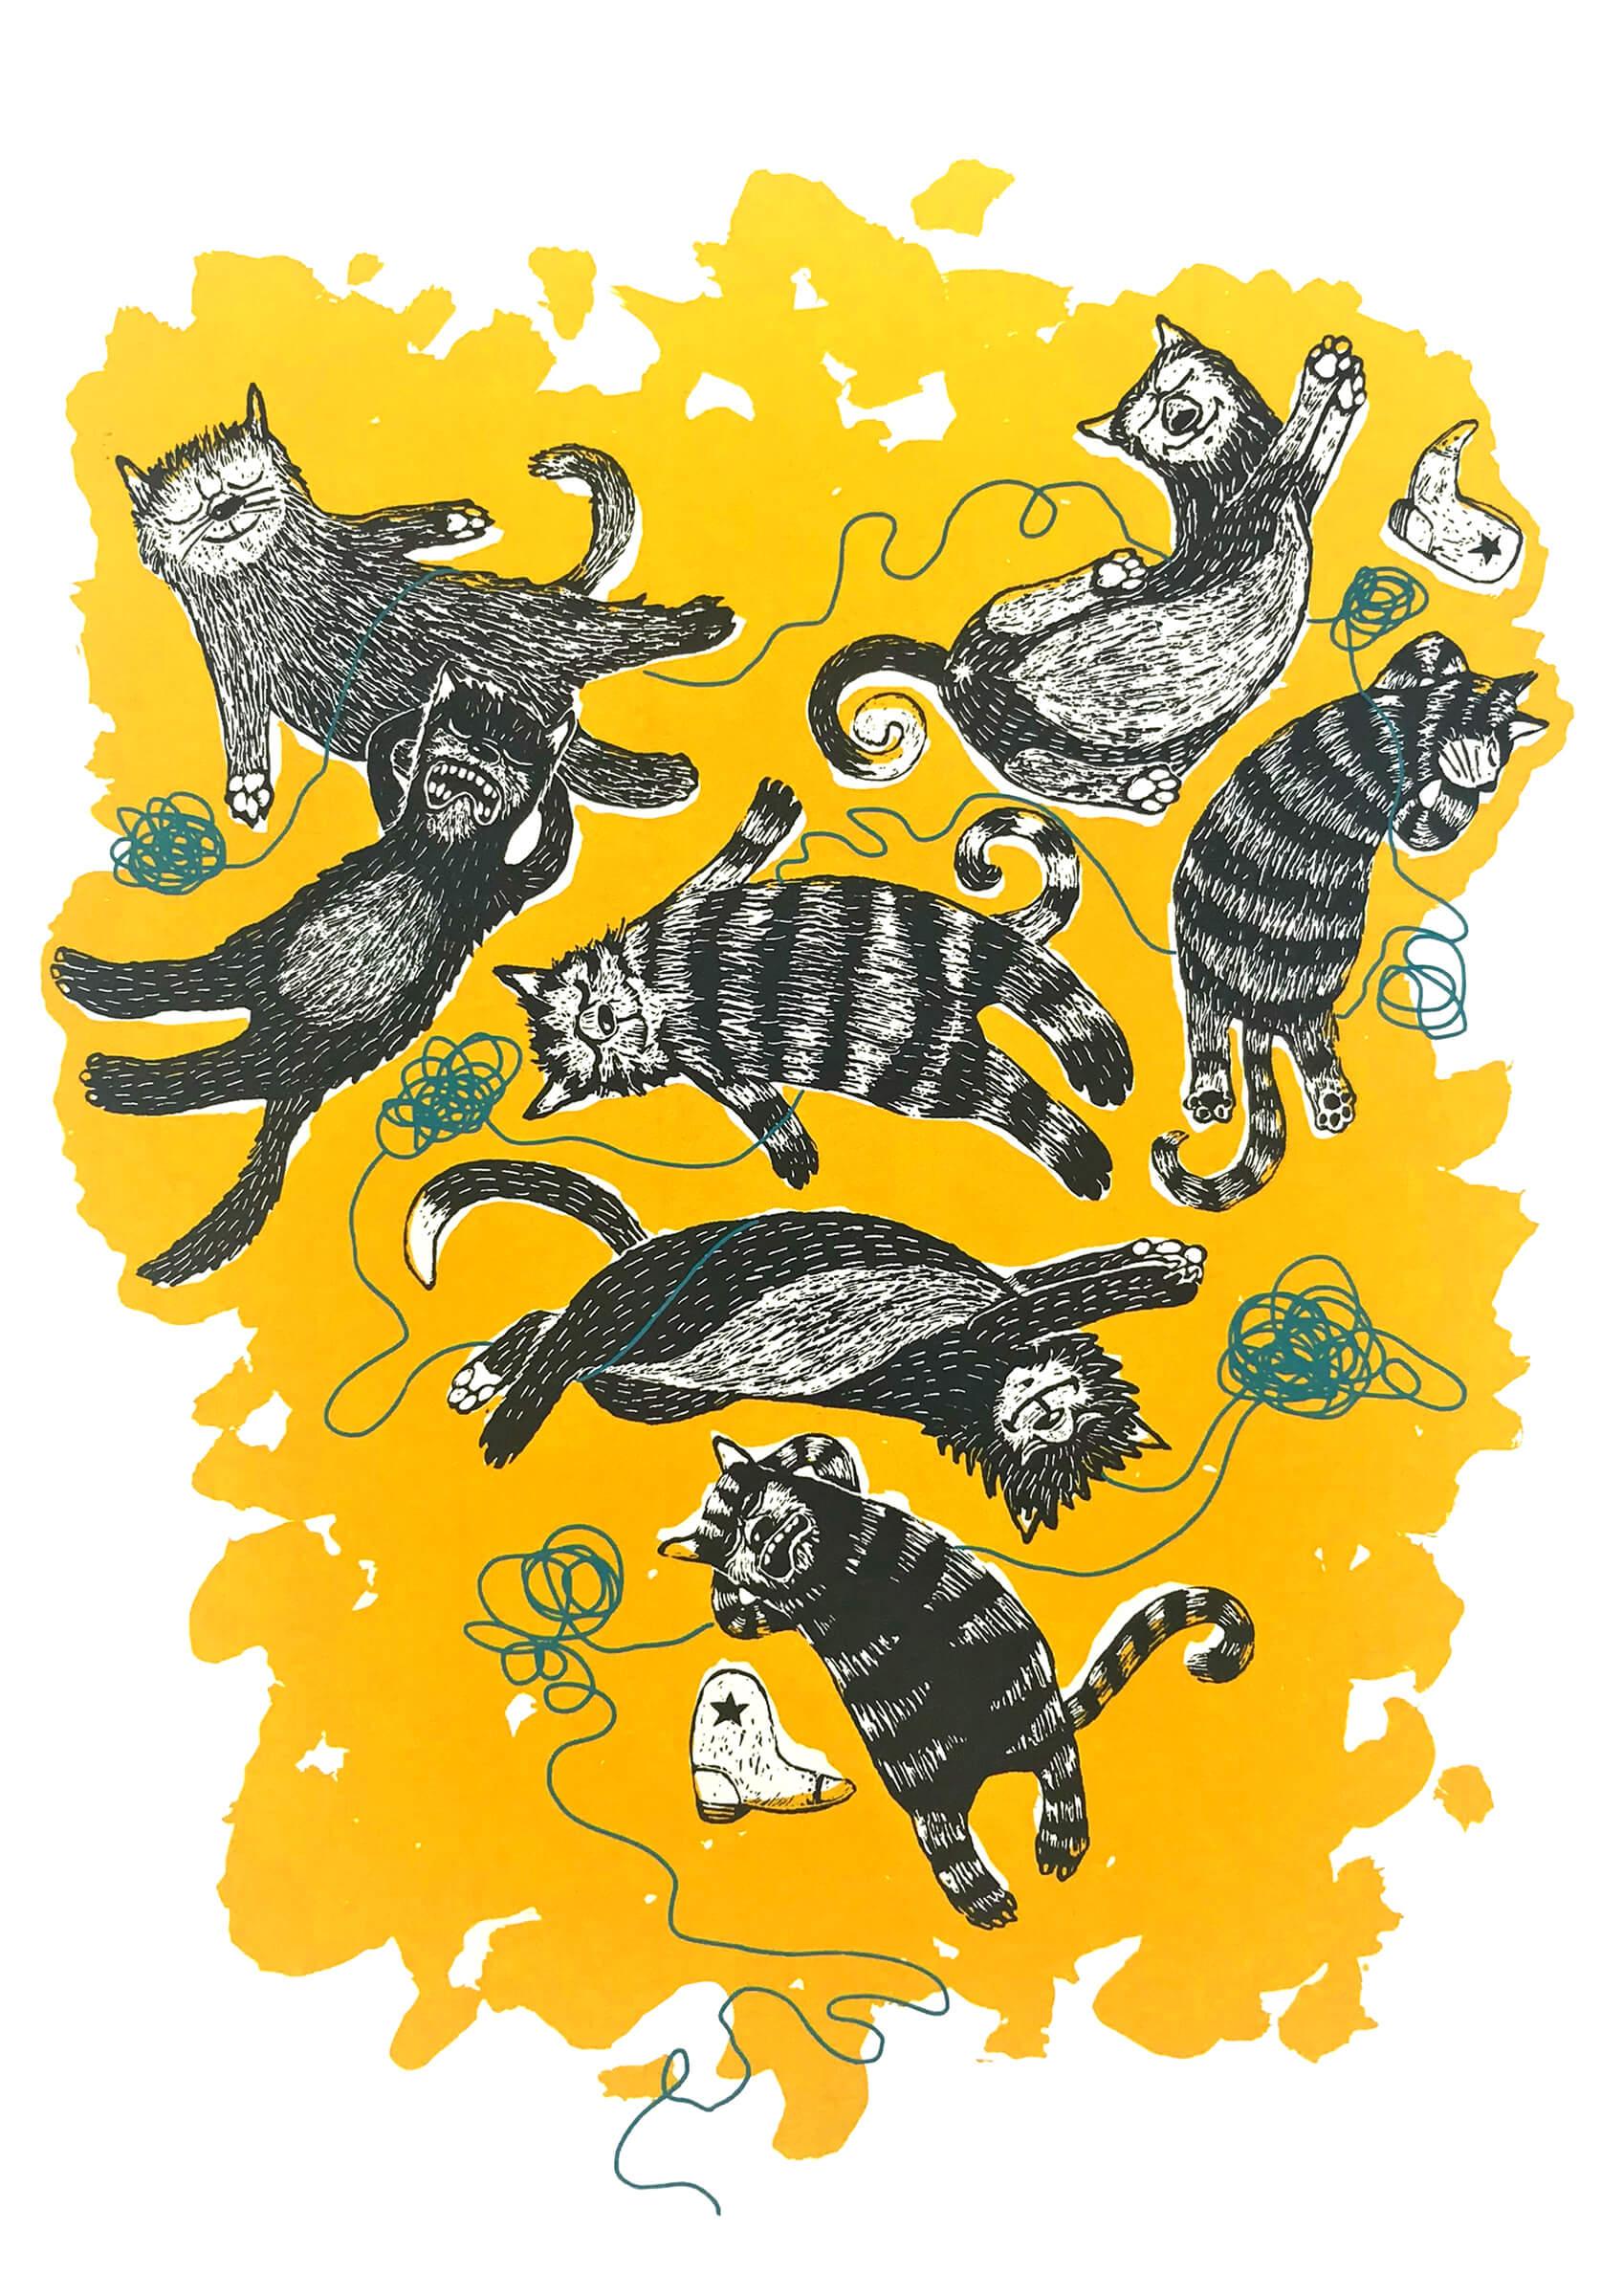 Siebdruck: Katzenjammer